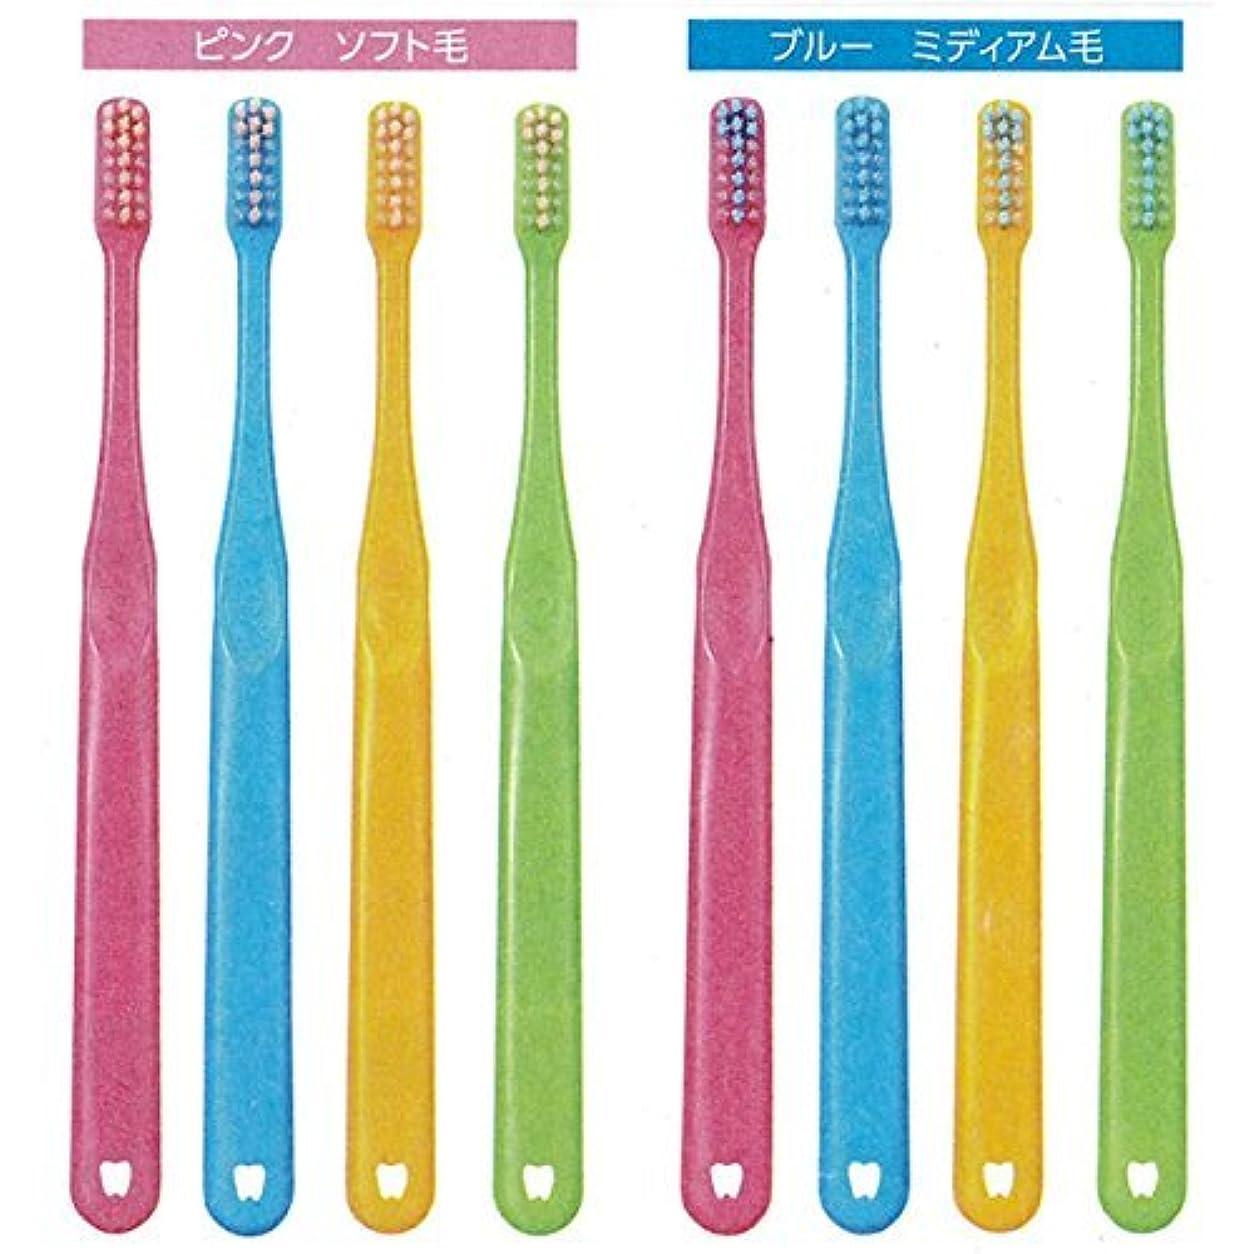 ましいフォーマル同行する歯科医院専用商品 ci PROPLUS +プロプラス 大人用 一般 歯ブラシ★20本 (S(やわらかめ))